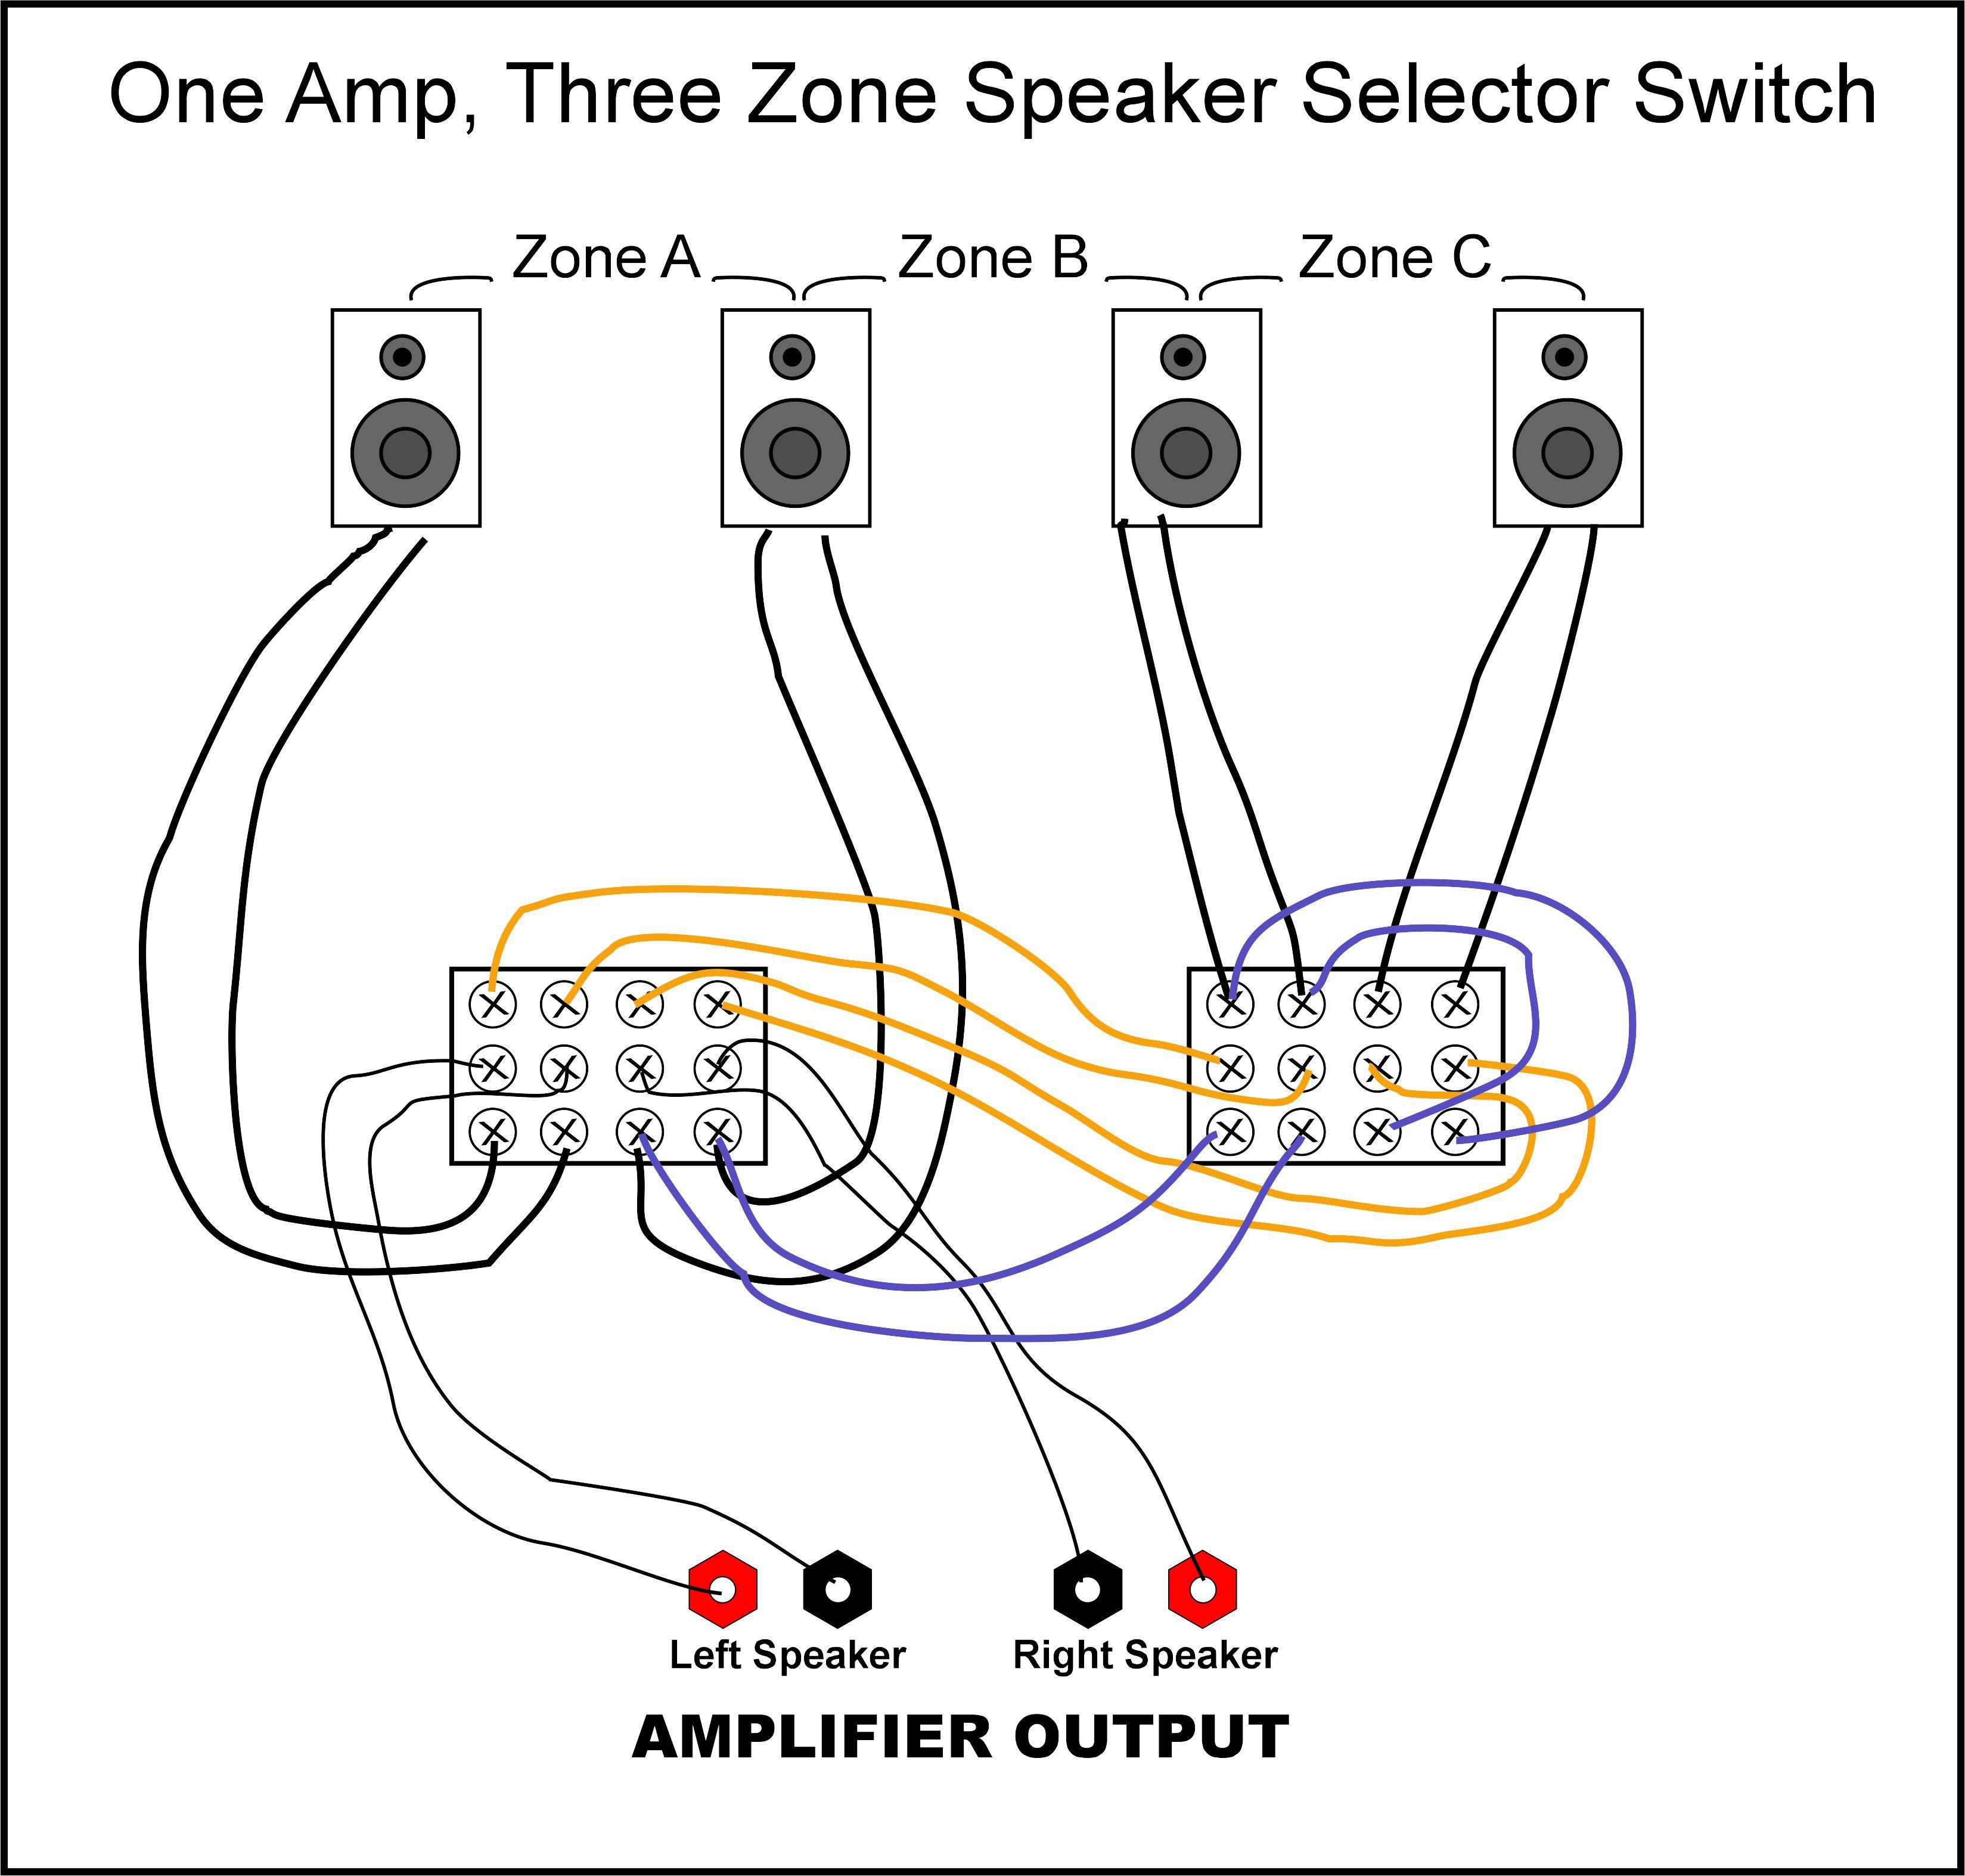 audio rotary switch wiring - 1992 toyota celica fuse box diagram for wiring  diagram schematics  wiring diagram schematics